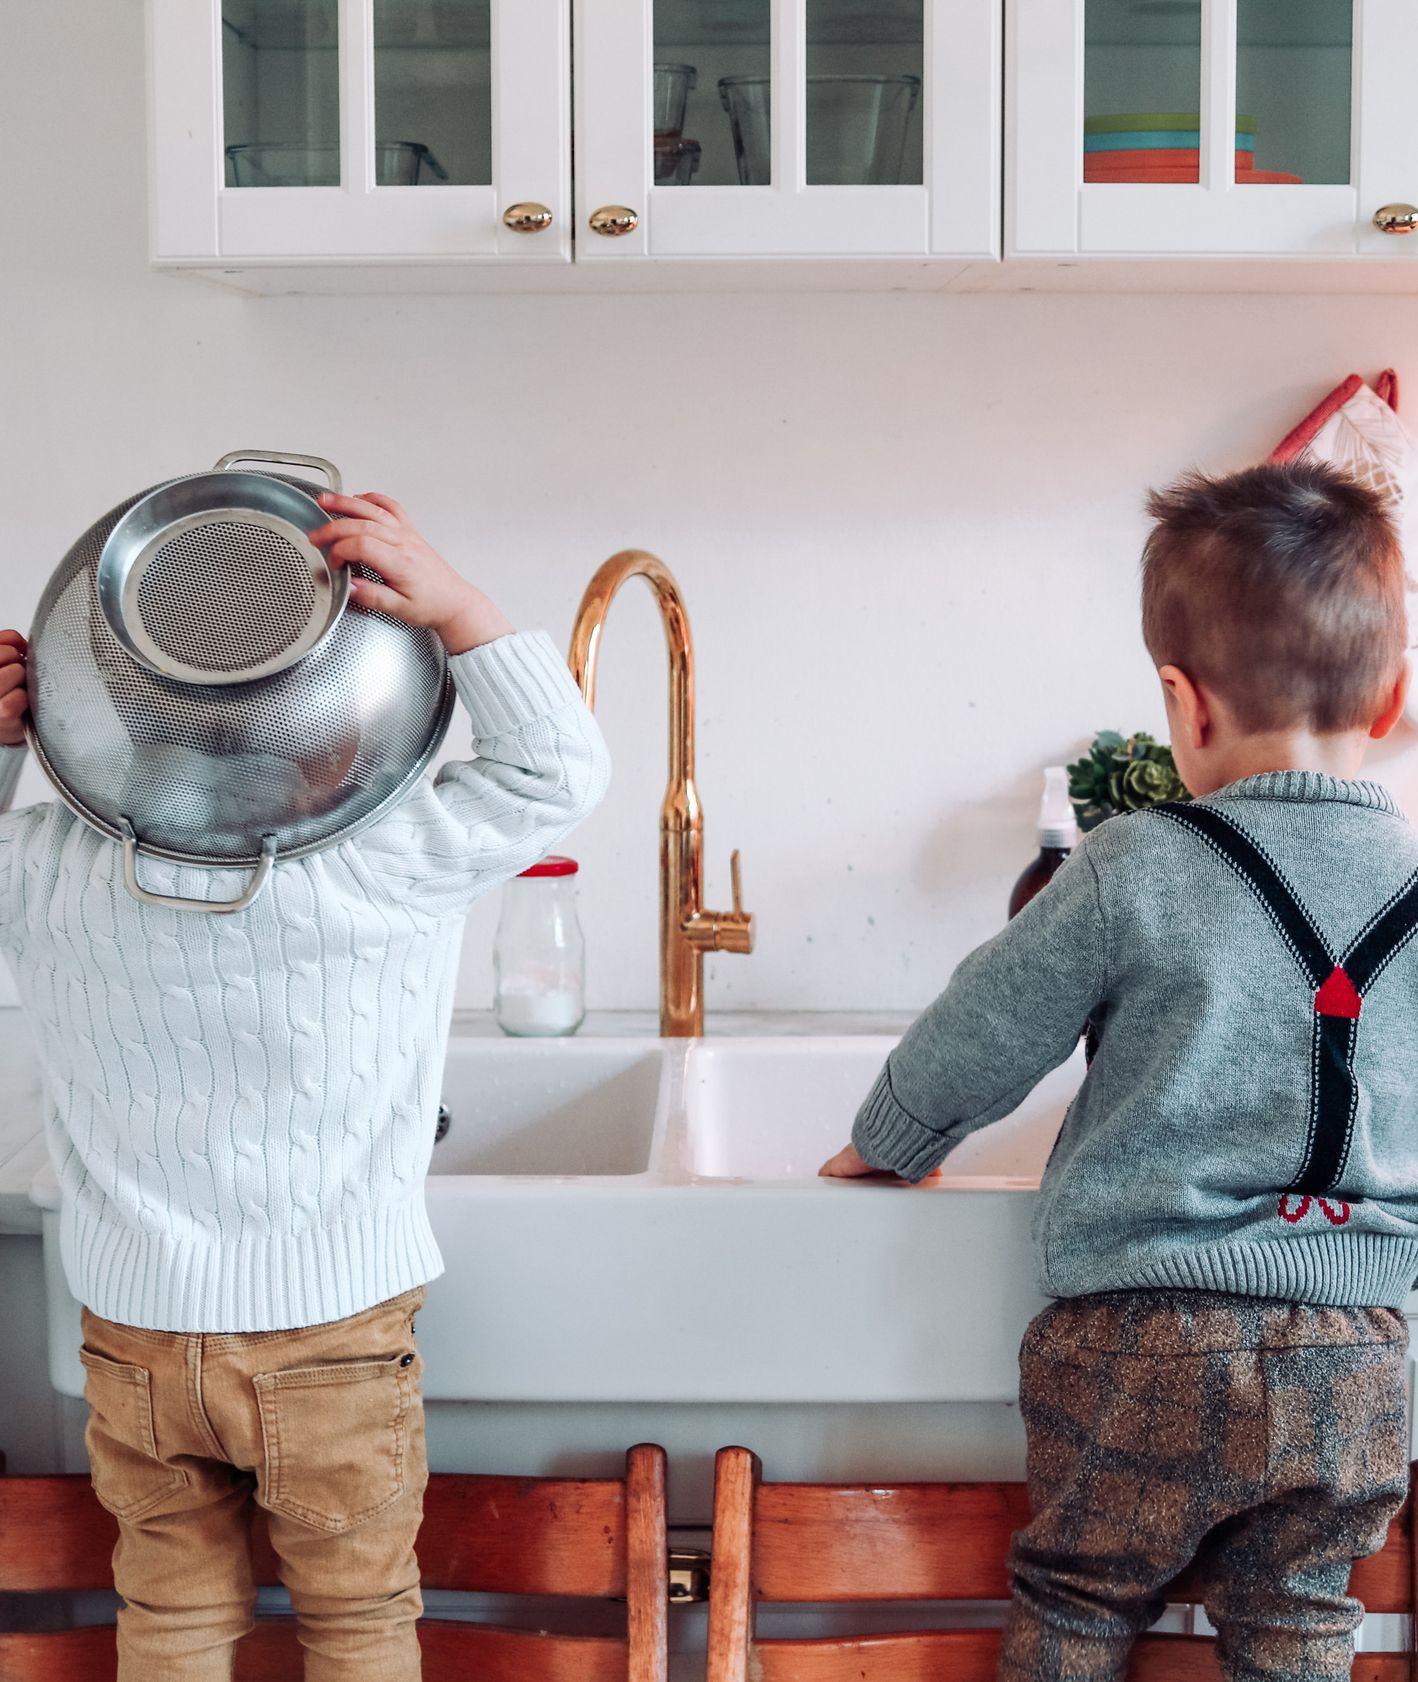 Dwóch chłopców przygotowujących się do gotowania (fot. Danielle Alvarado / unsplash.com)